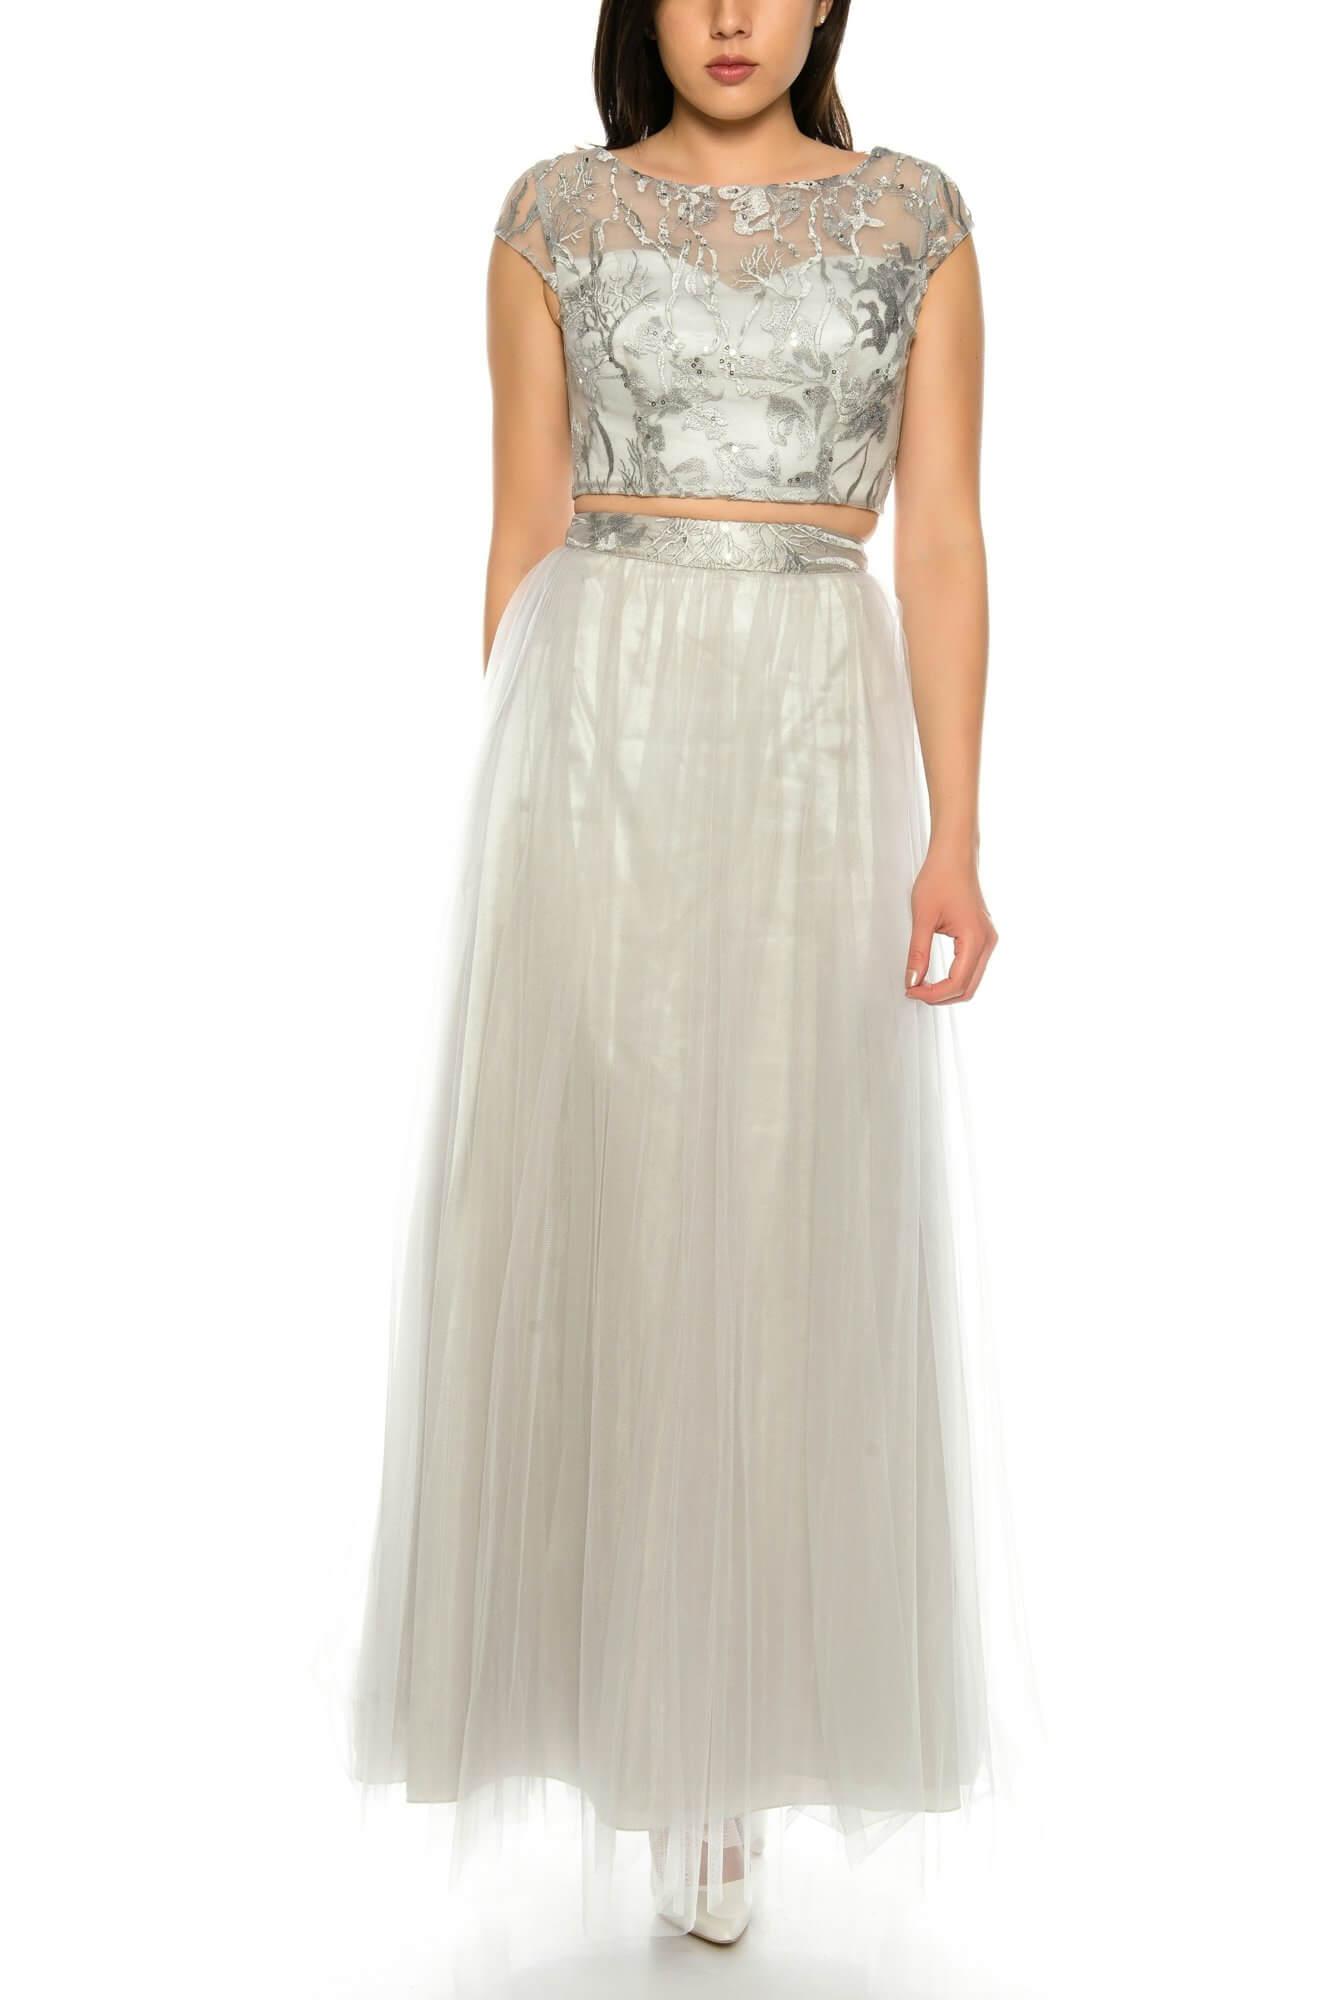 Elegantes zweiteiler Abendkleid aus Tüll mit Blumendruck in Silber ...